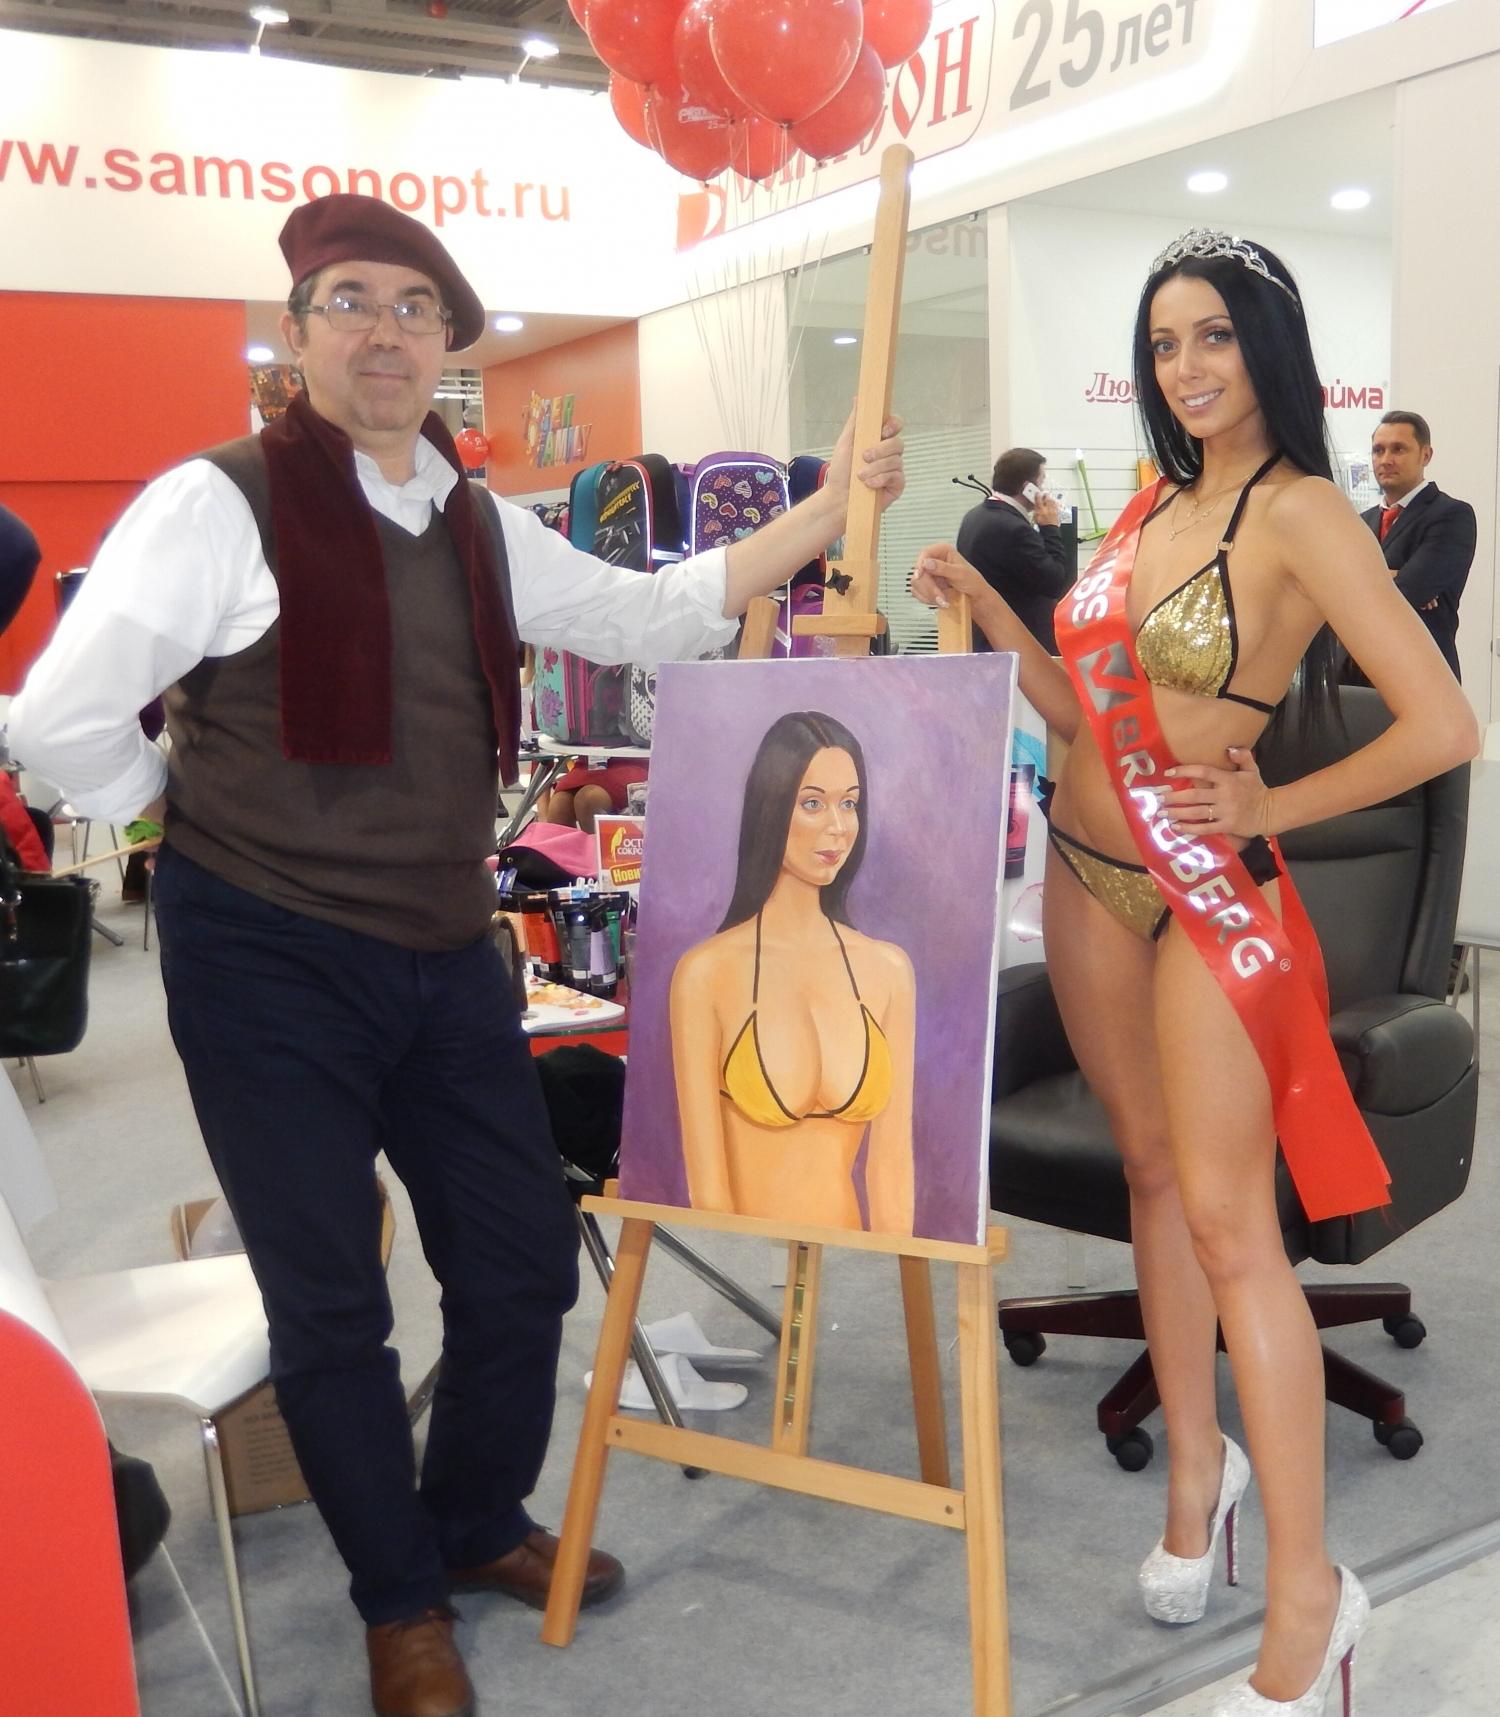 Секс чат, виртуальный секс - sexhadme